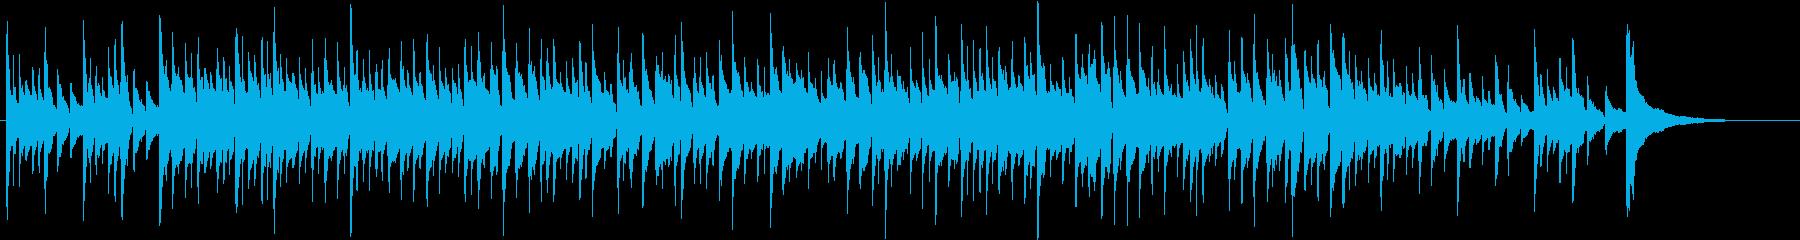 ふるさと アコギ 生演奏 穏やかの再生済みの波形